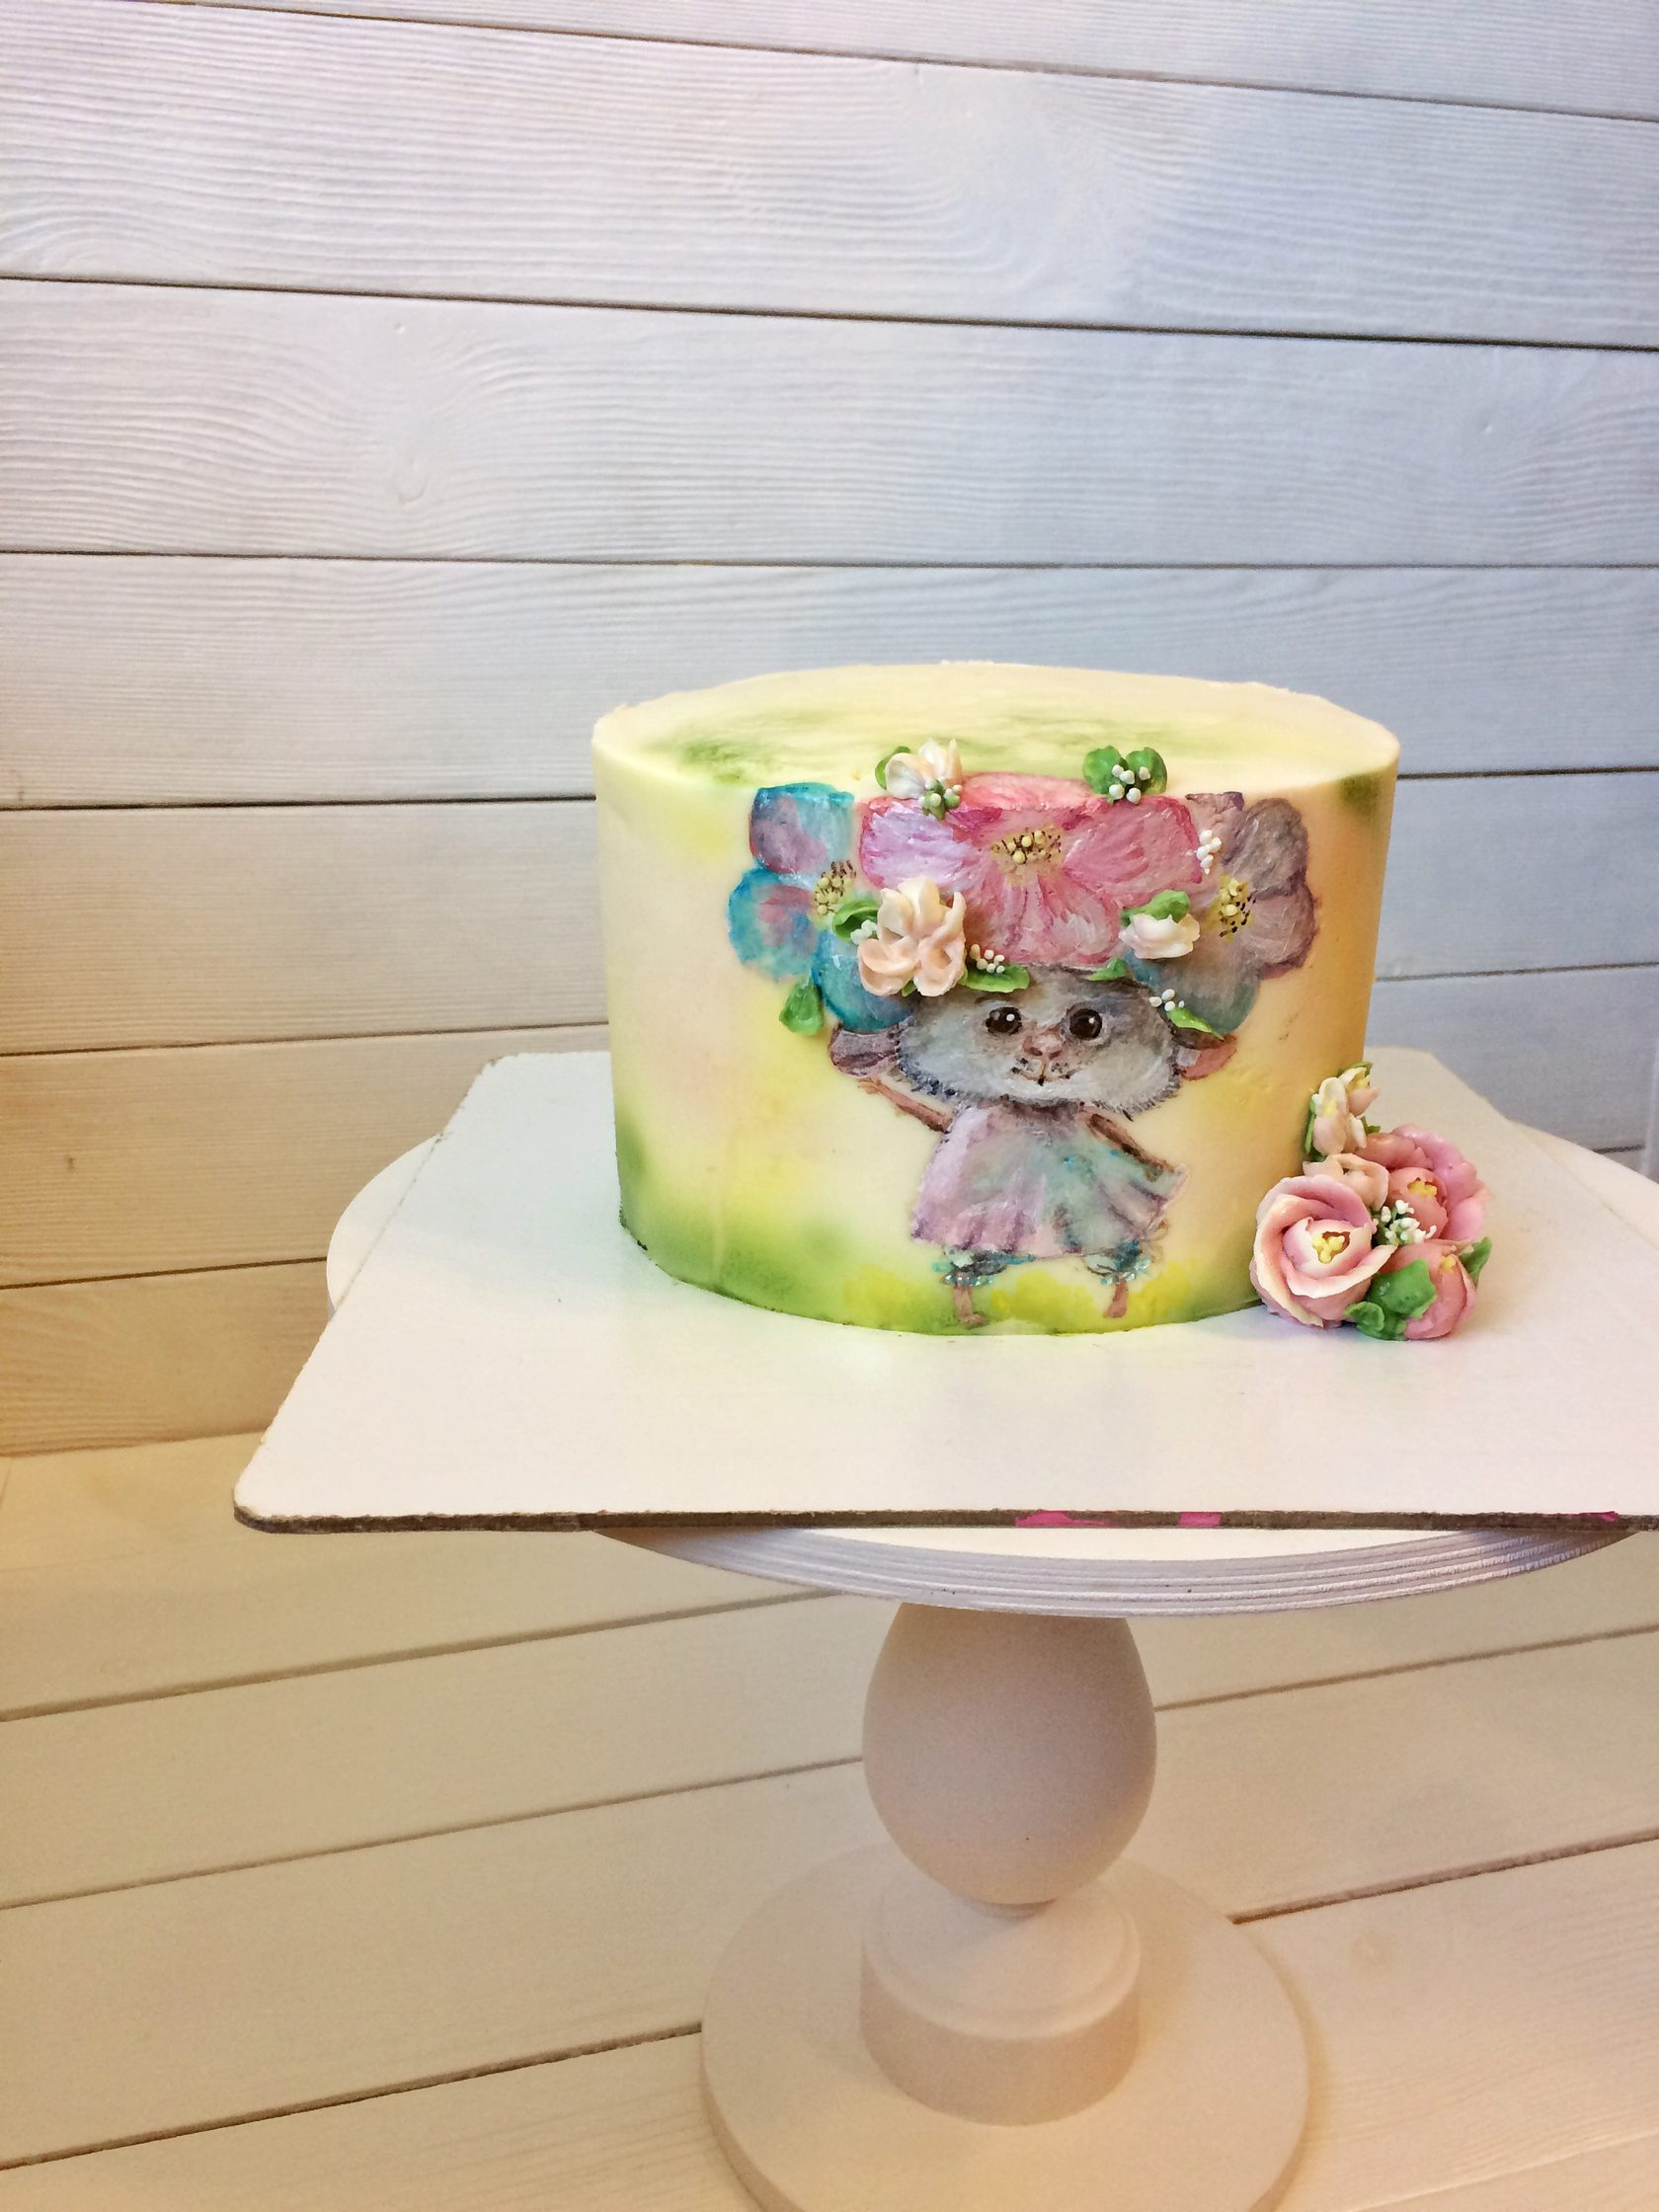 Любовь, рисунок на торте красителями на креме